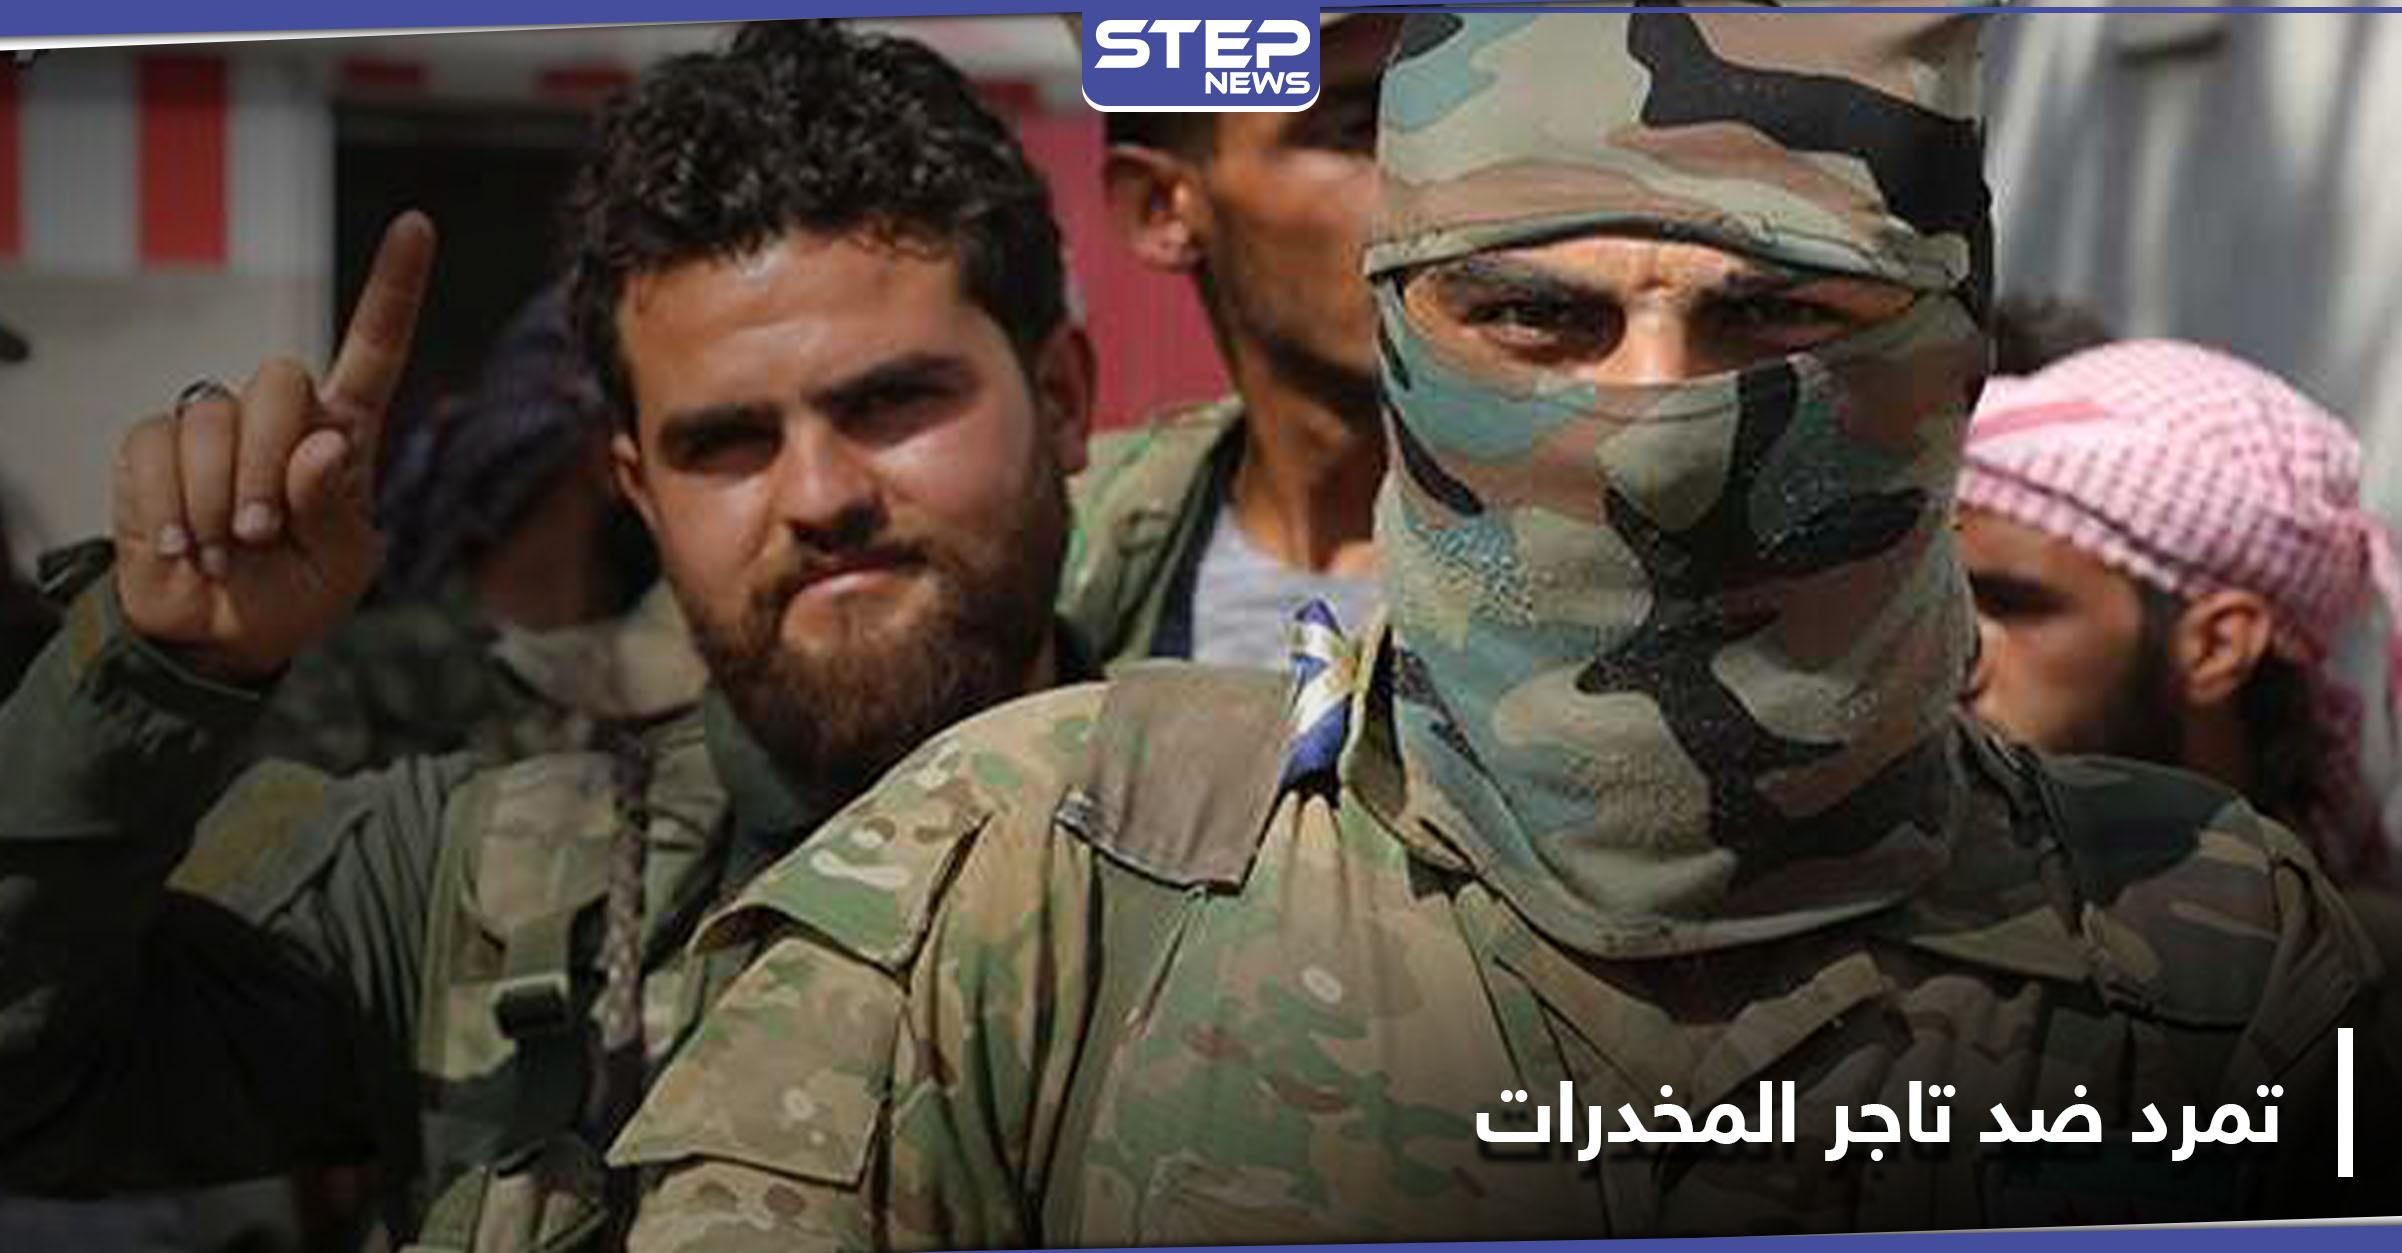 عناصر من المرتزقة السوريين في ليبيا